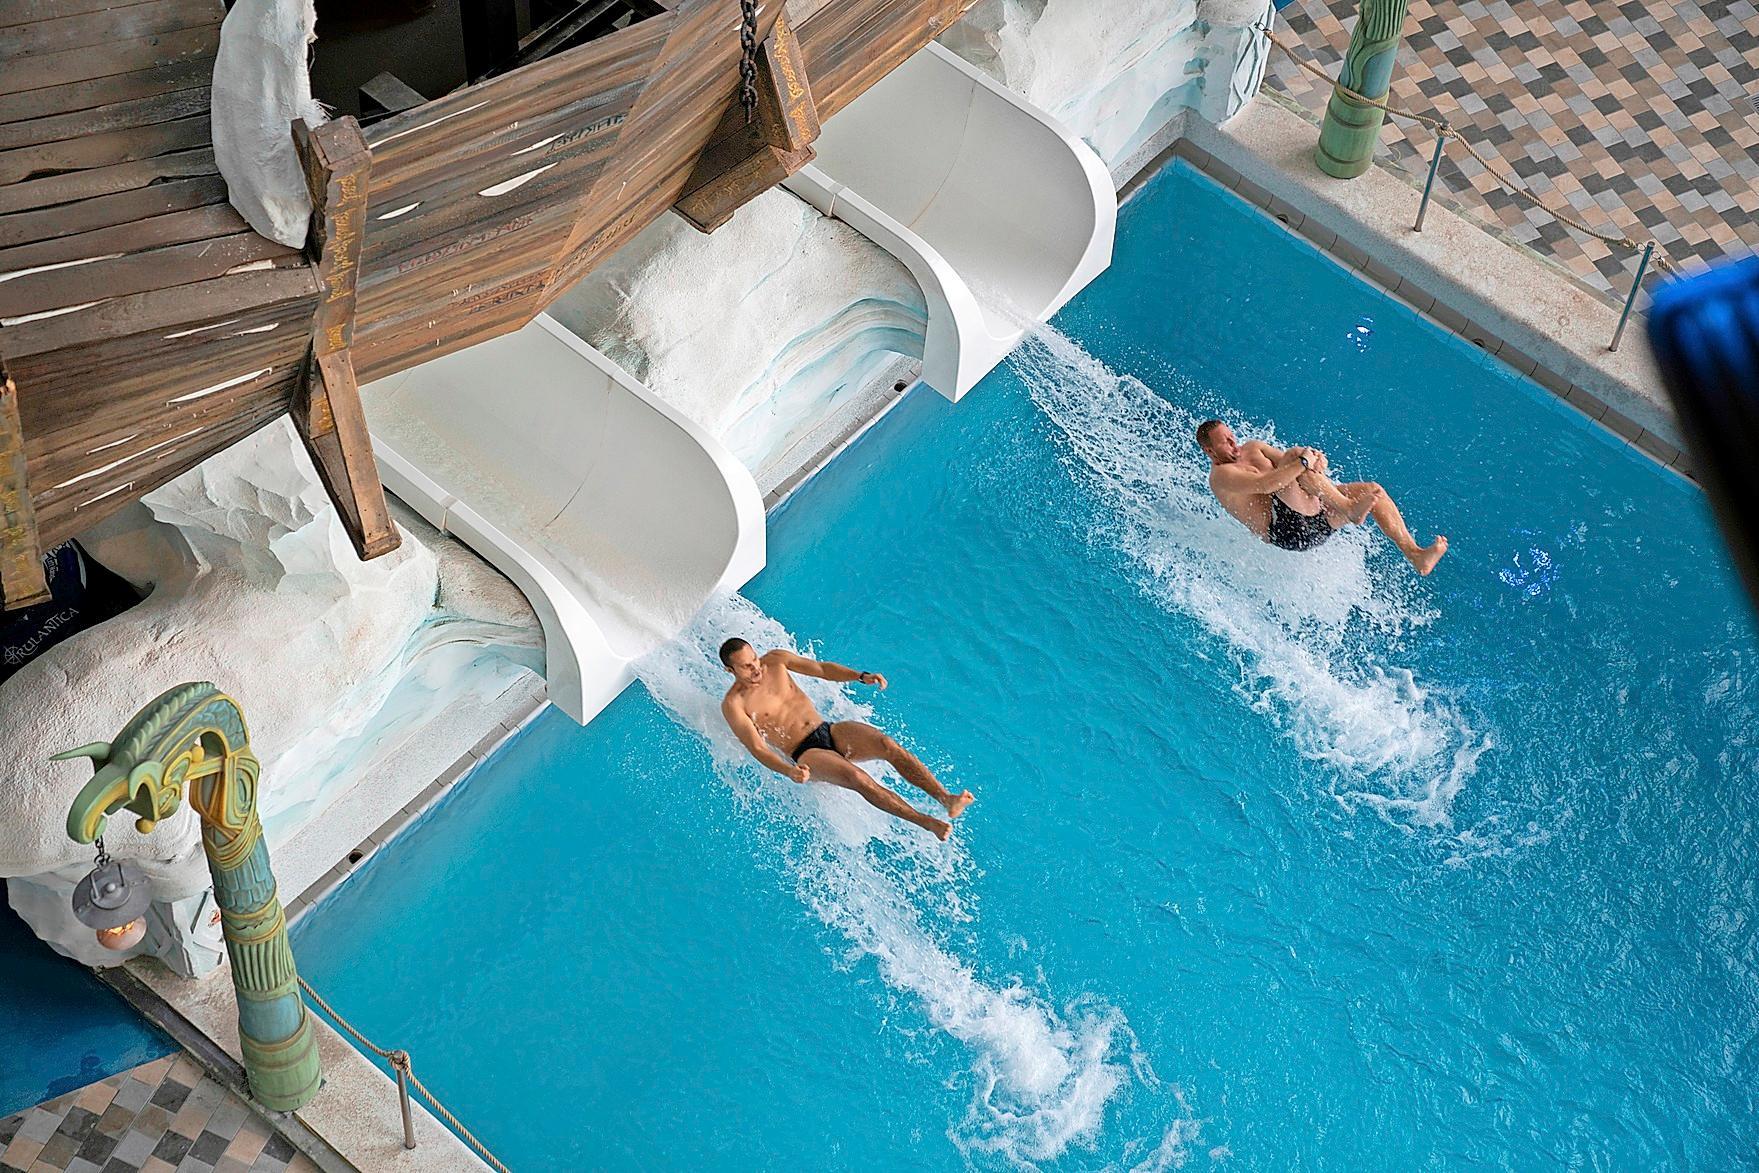 Badespaß im Mythenpool Image 1